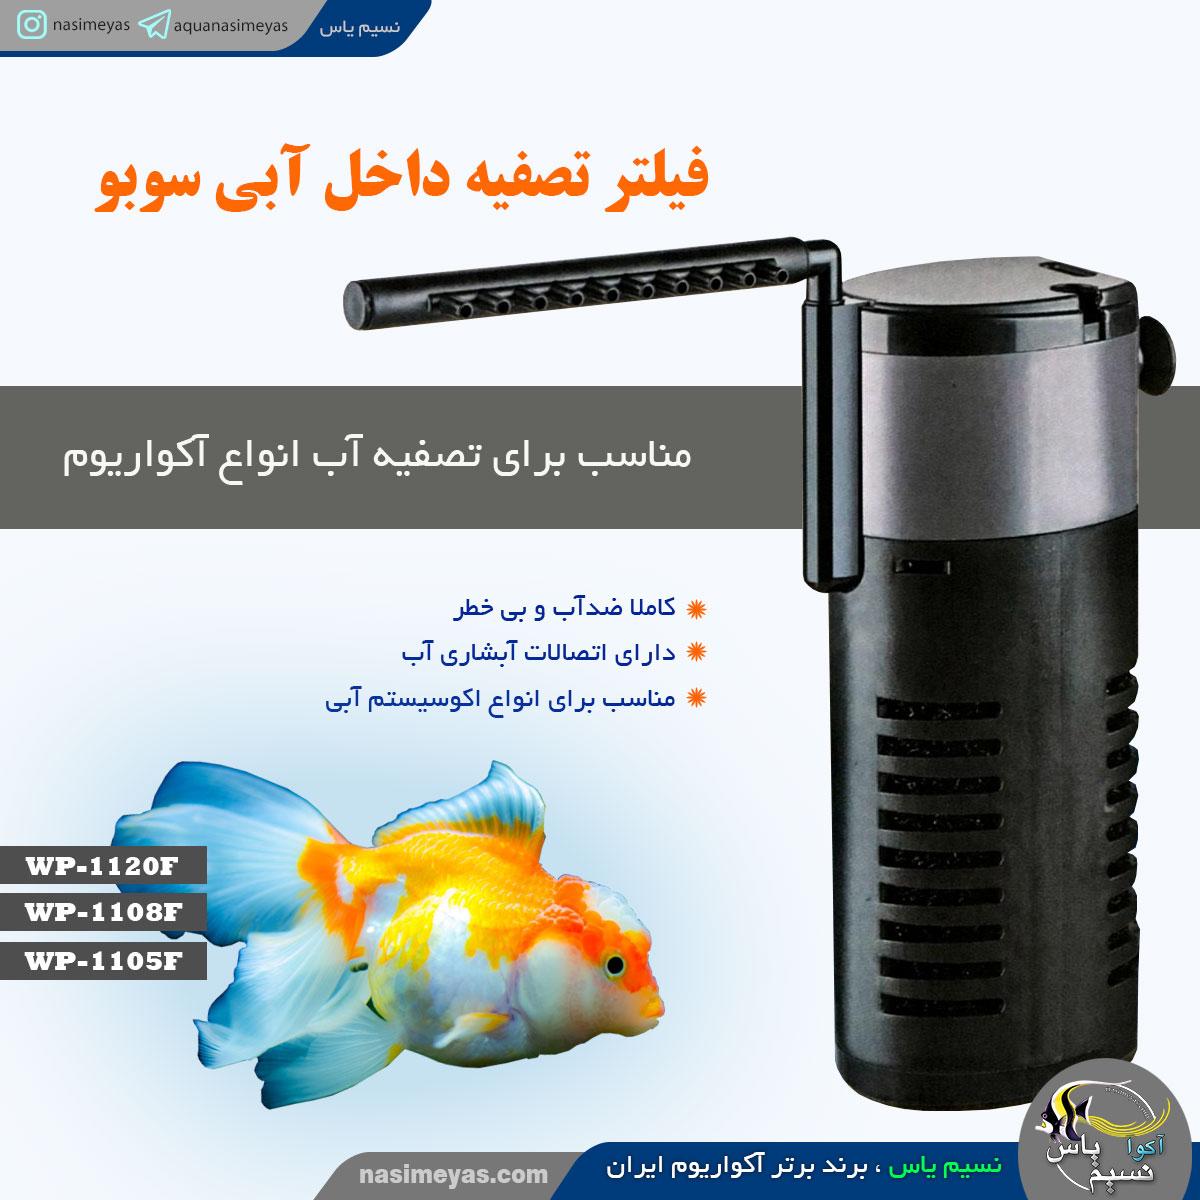 فیلتر تصفیه wp-1120F سوبو